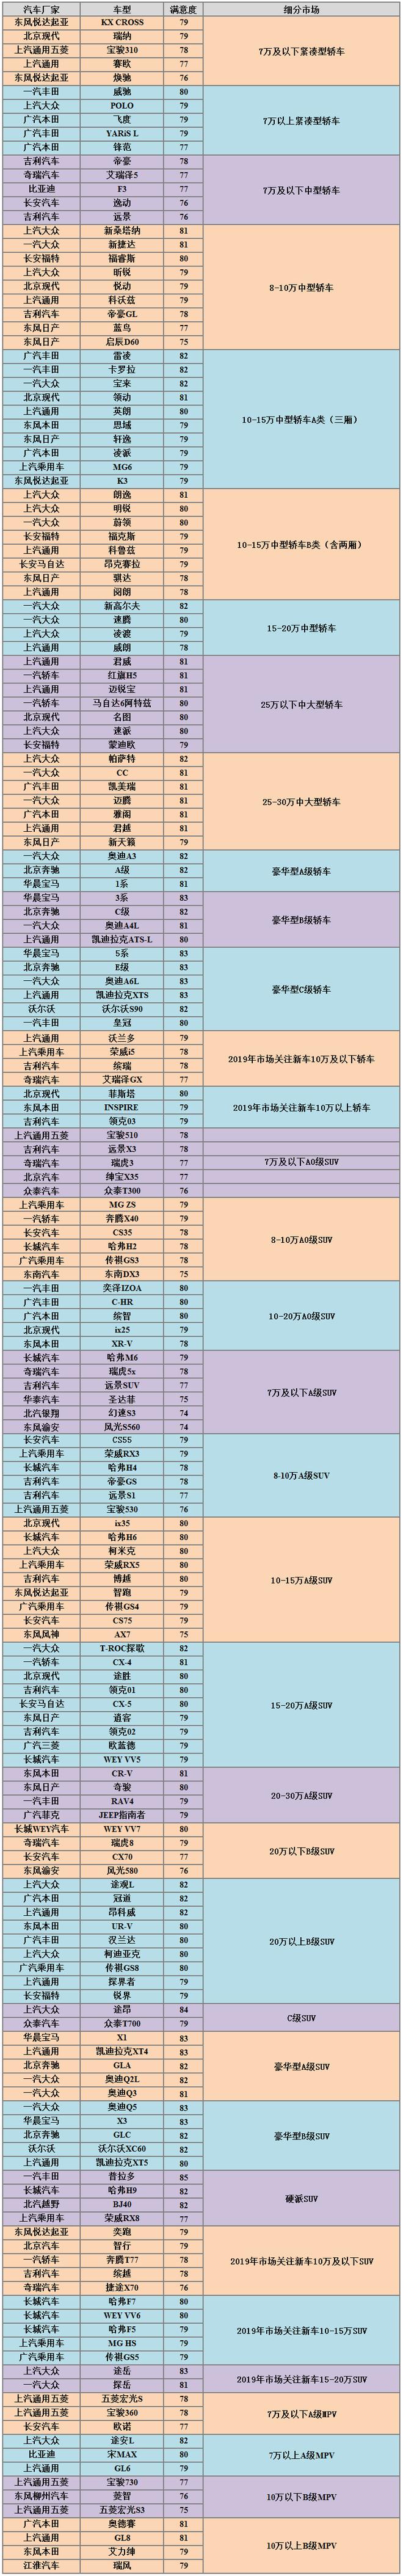 2019年中国汽车行业百辆新车故障率同比升14%